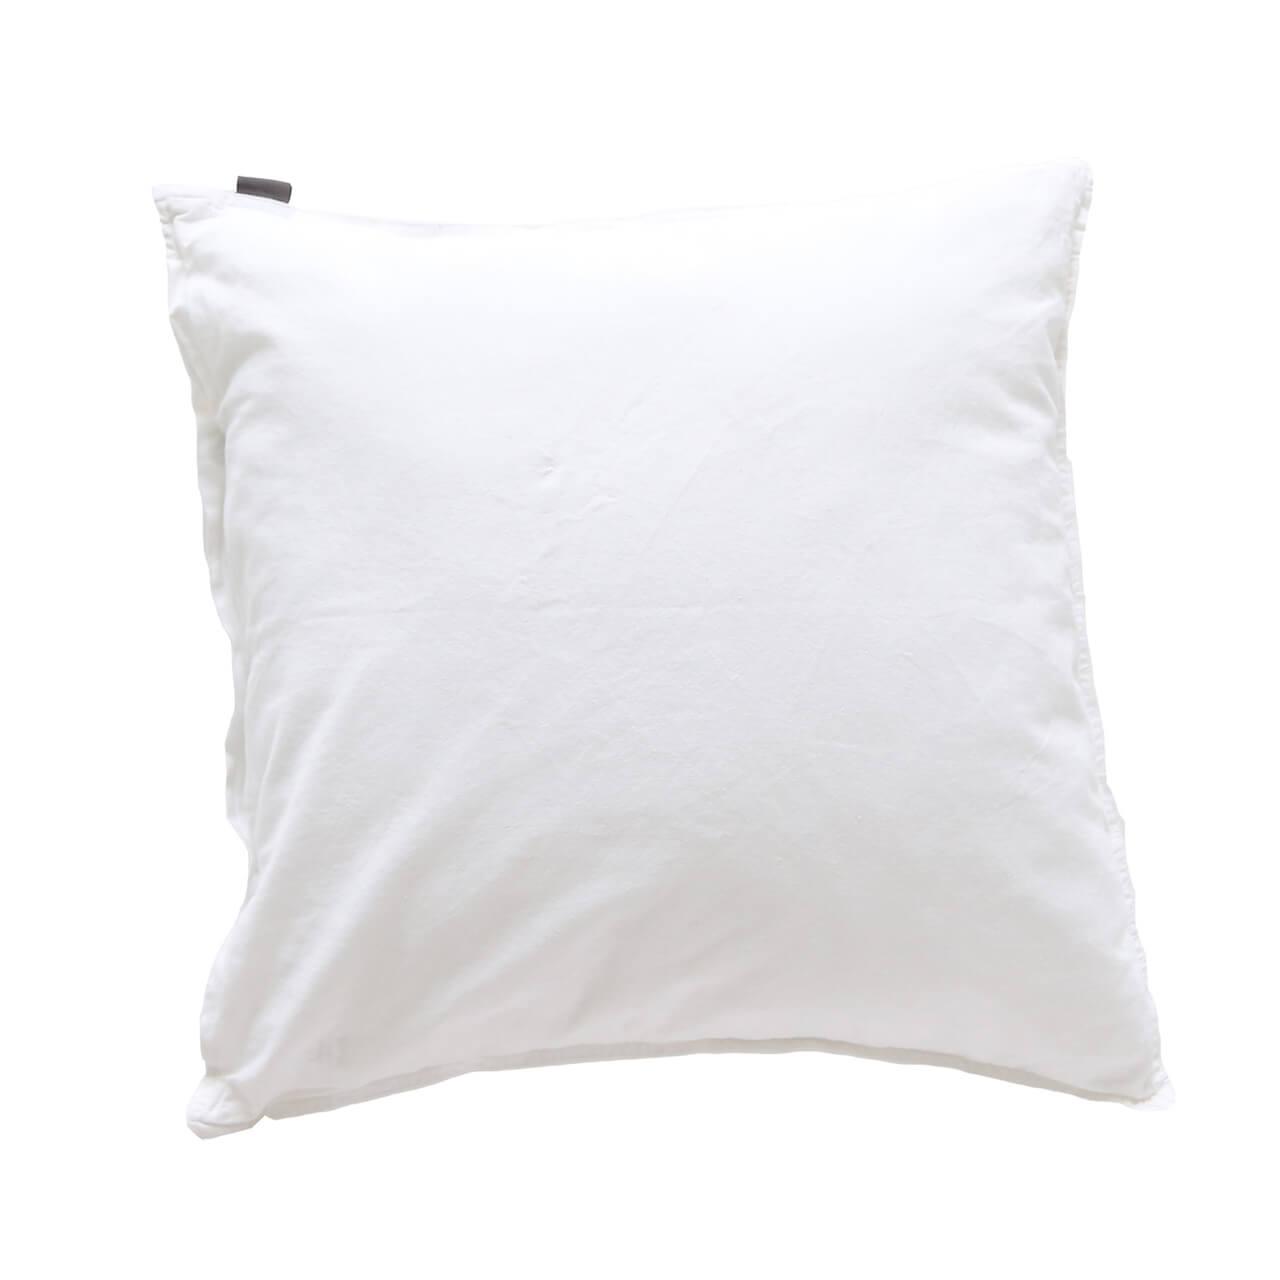 Kissenbezüge Vintage Washed Cotton Mit Knöpfen 2x 50x50 Cm Weiß